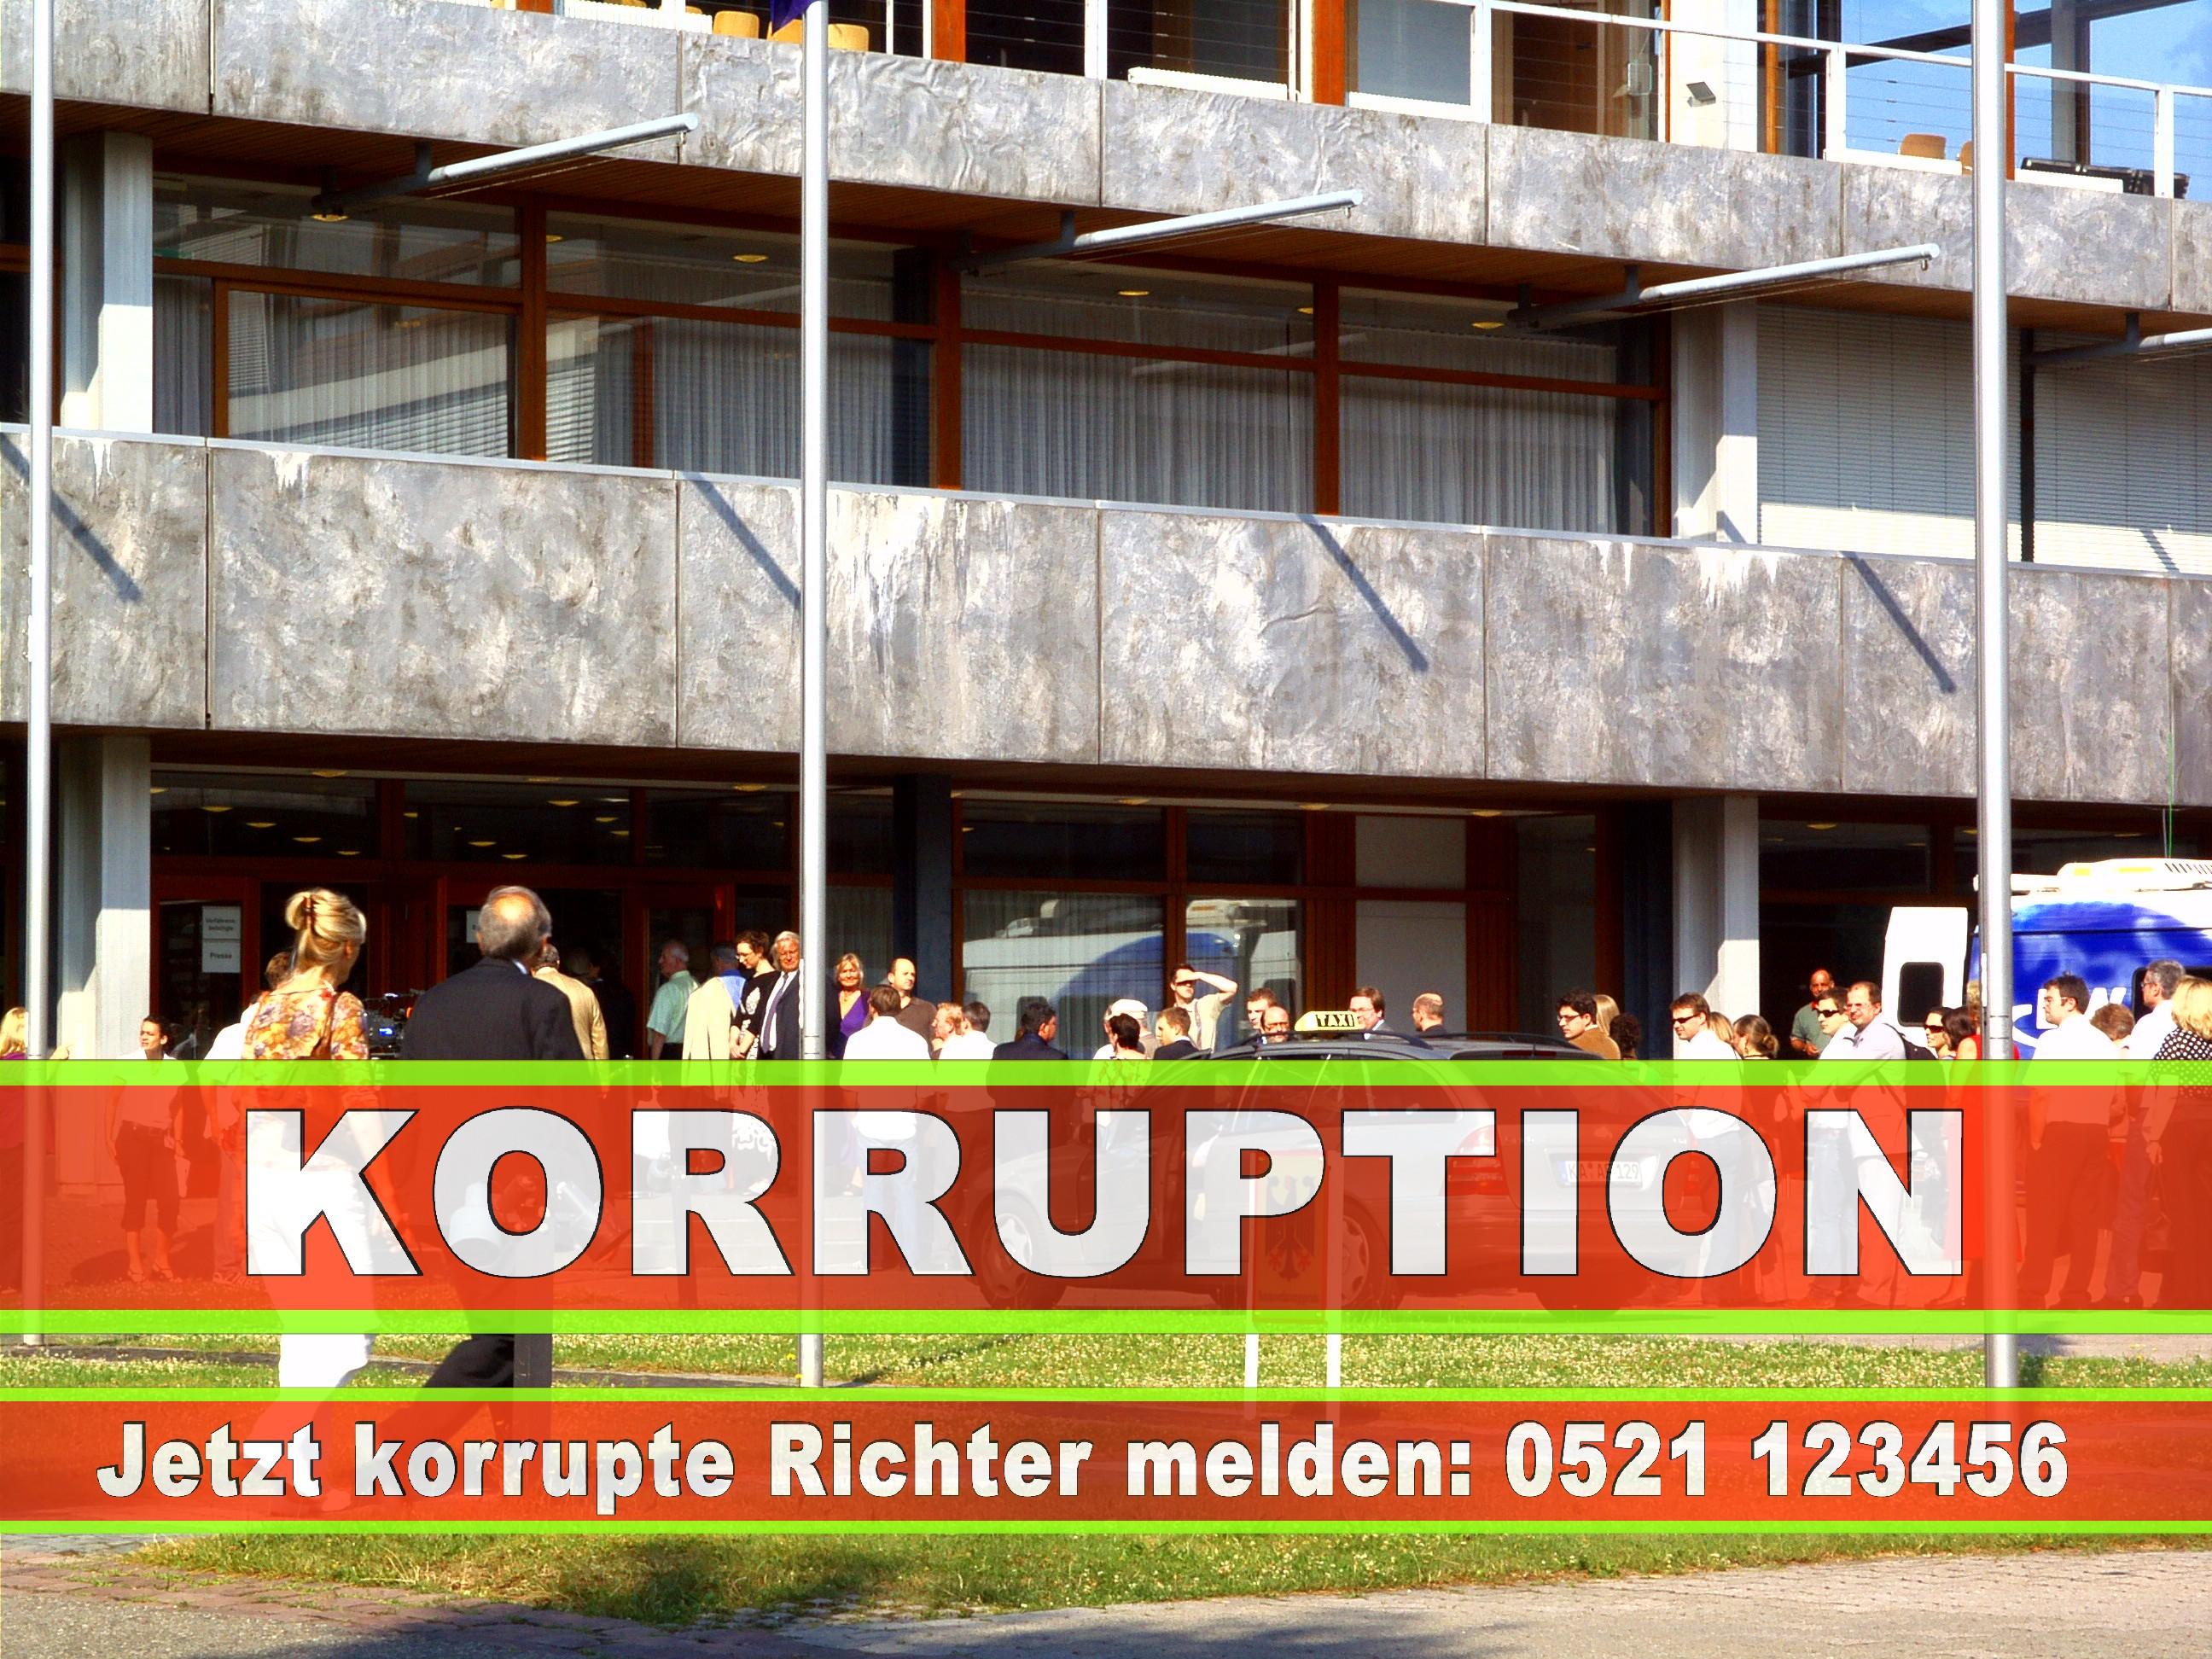 Bundesverfassungsgericht Karlsruhe Richter Korruption Aufgaben Urteile Termine Anfahrt Bilder Fotos Adresse Telefon 1